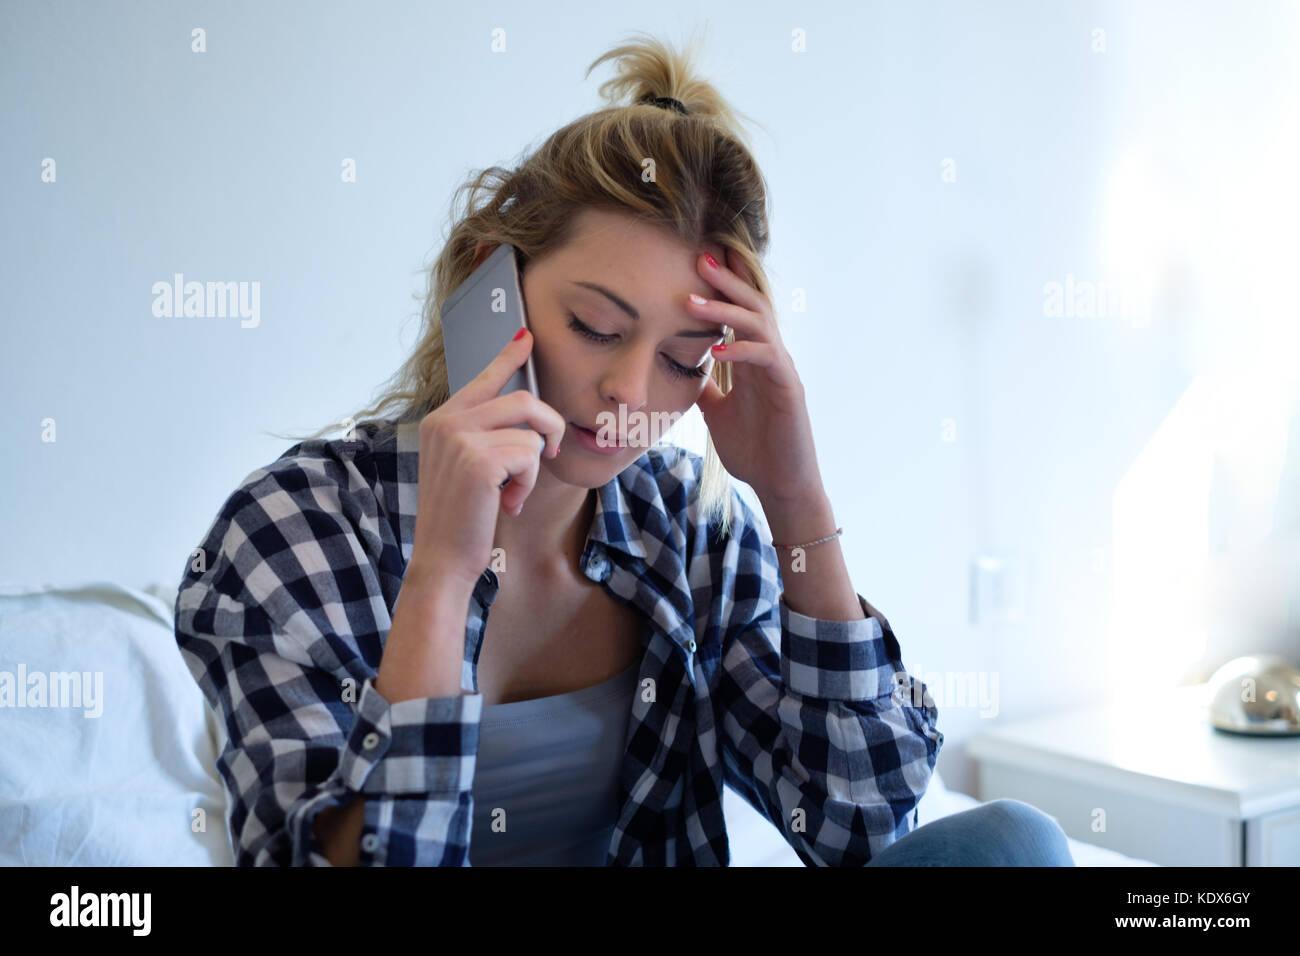 Junge traurig emotionale hübsches Mädchen auf dem Bett innen- und sprechen über das Telefon sitzt Stockbild